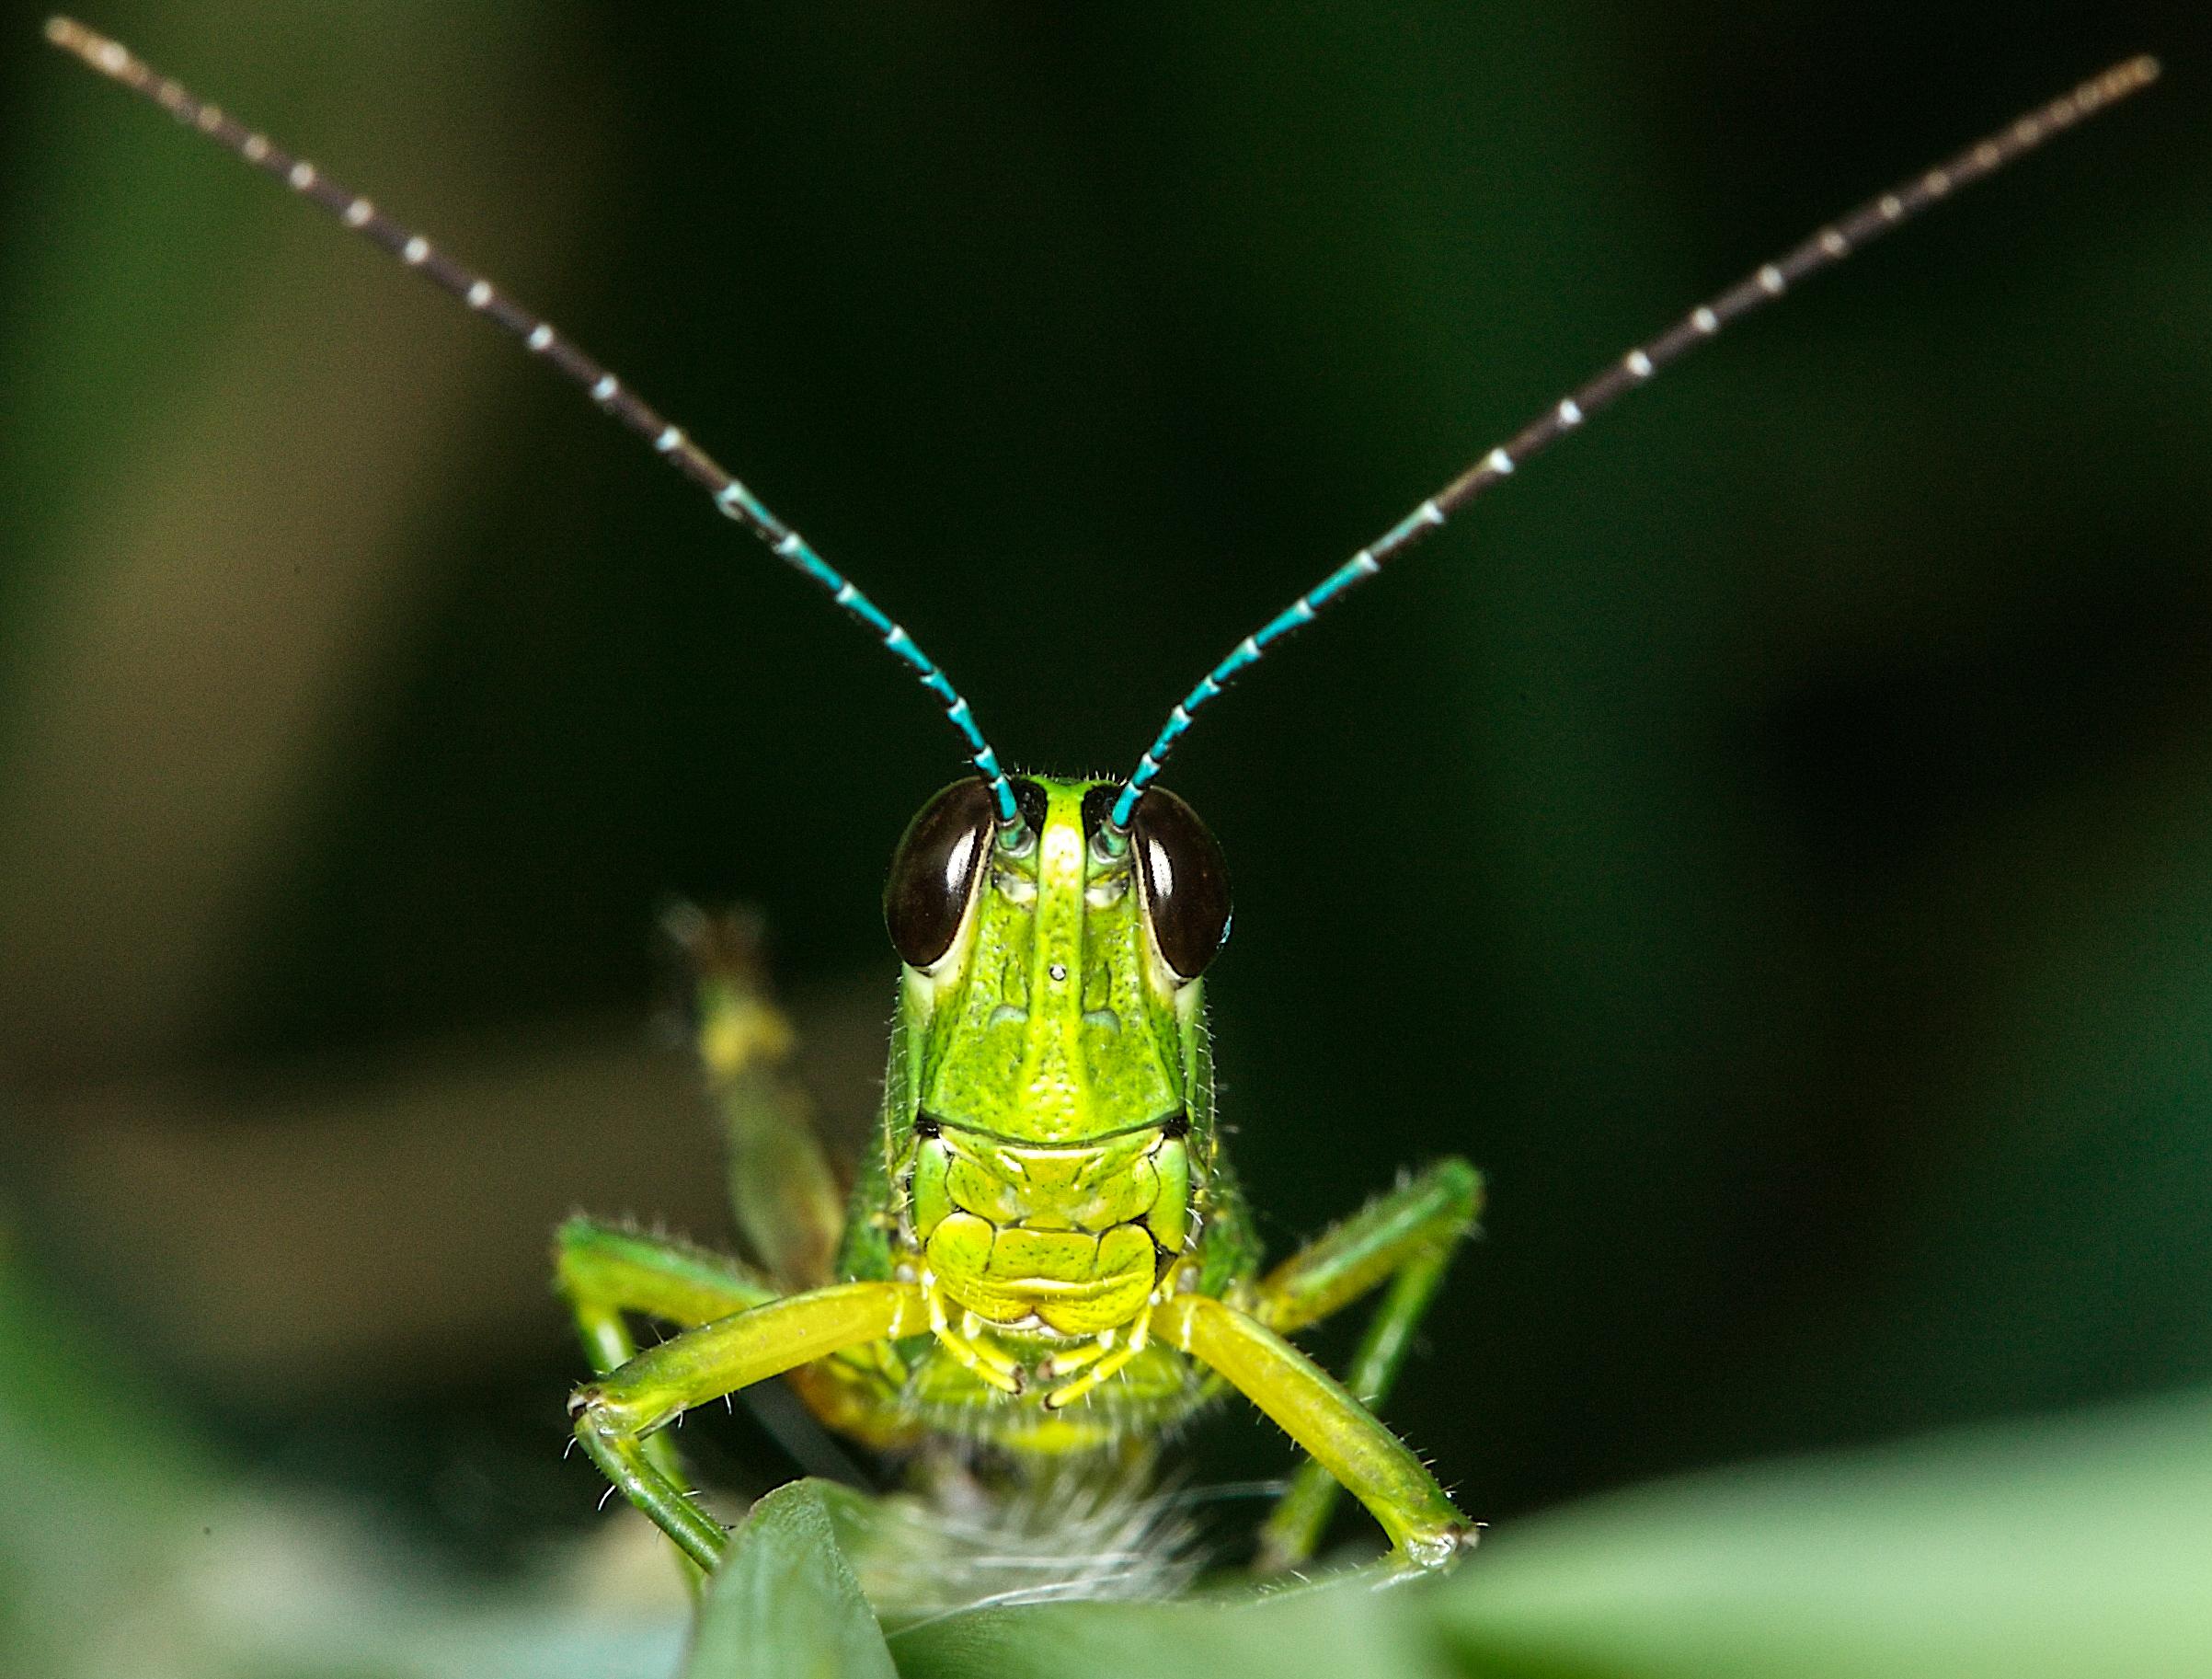 Grasshopper selfie